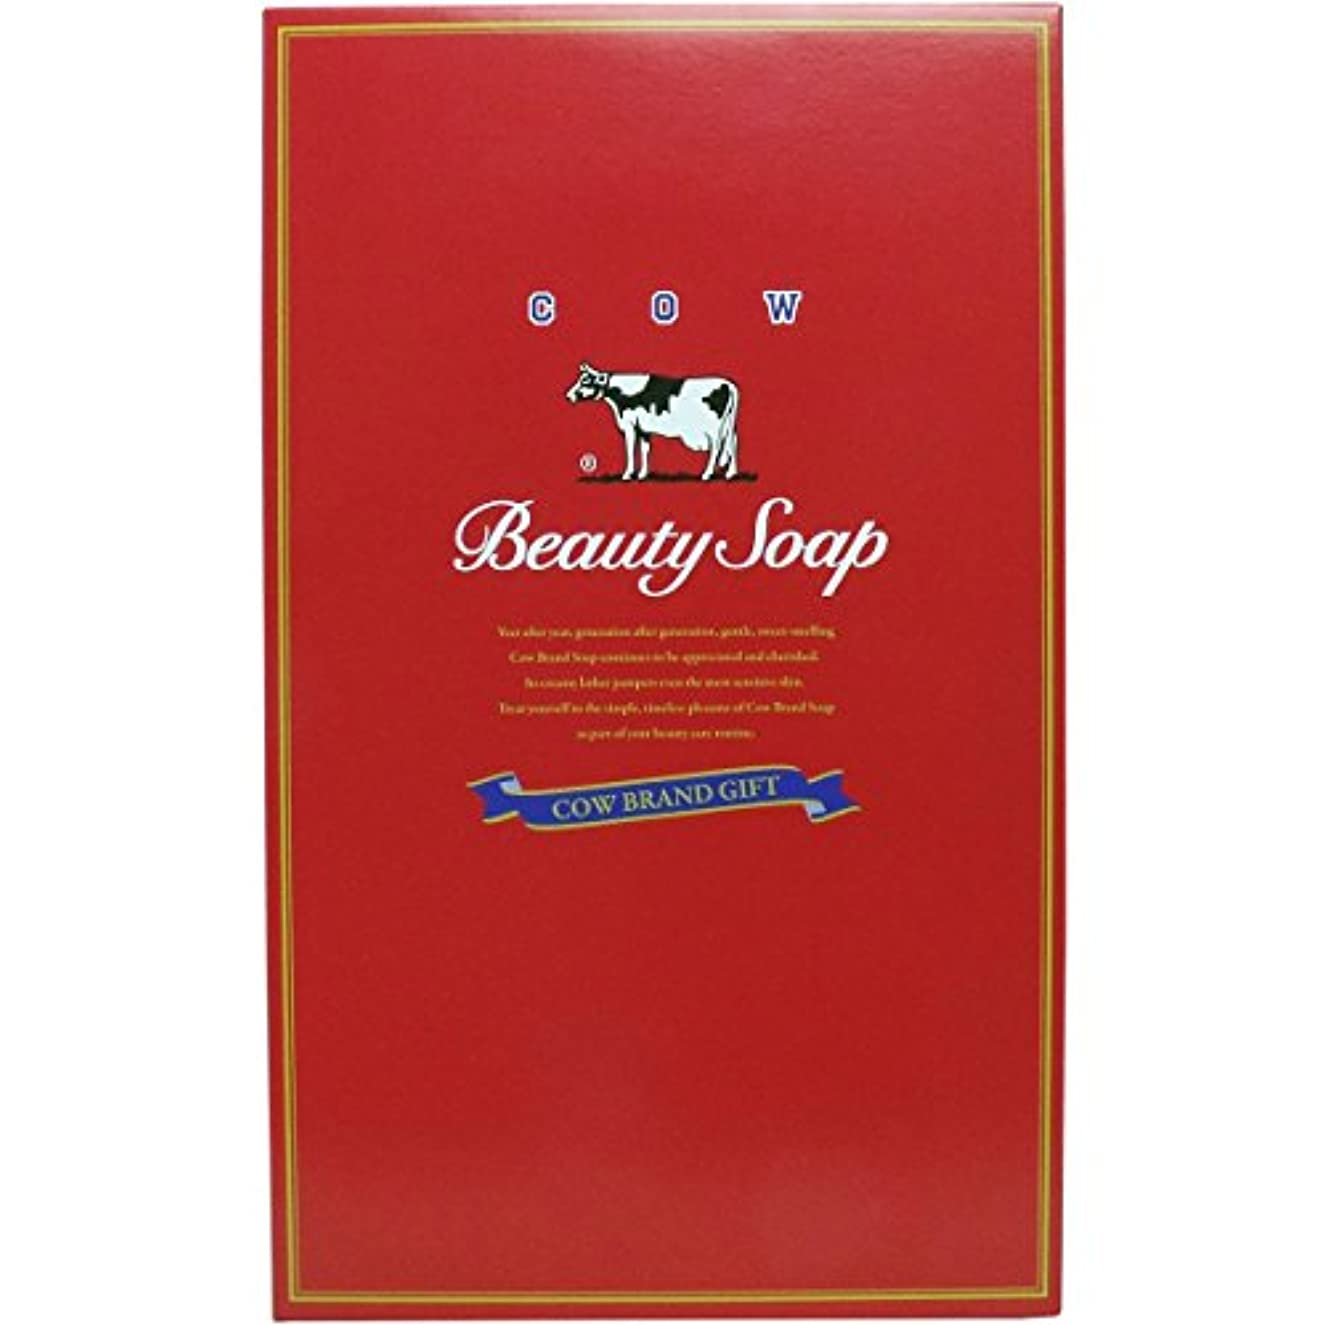 ほのめかす氏上がる牛乳石鹸共進社 カウブランド石鹸 赤箱 100g×10個×16箱